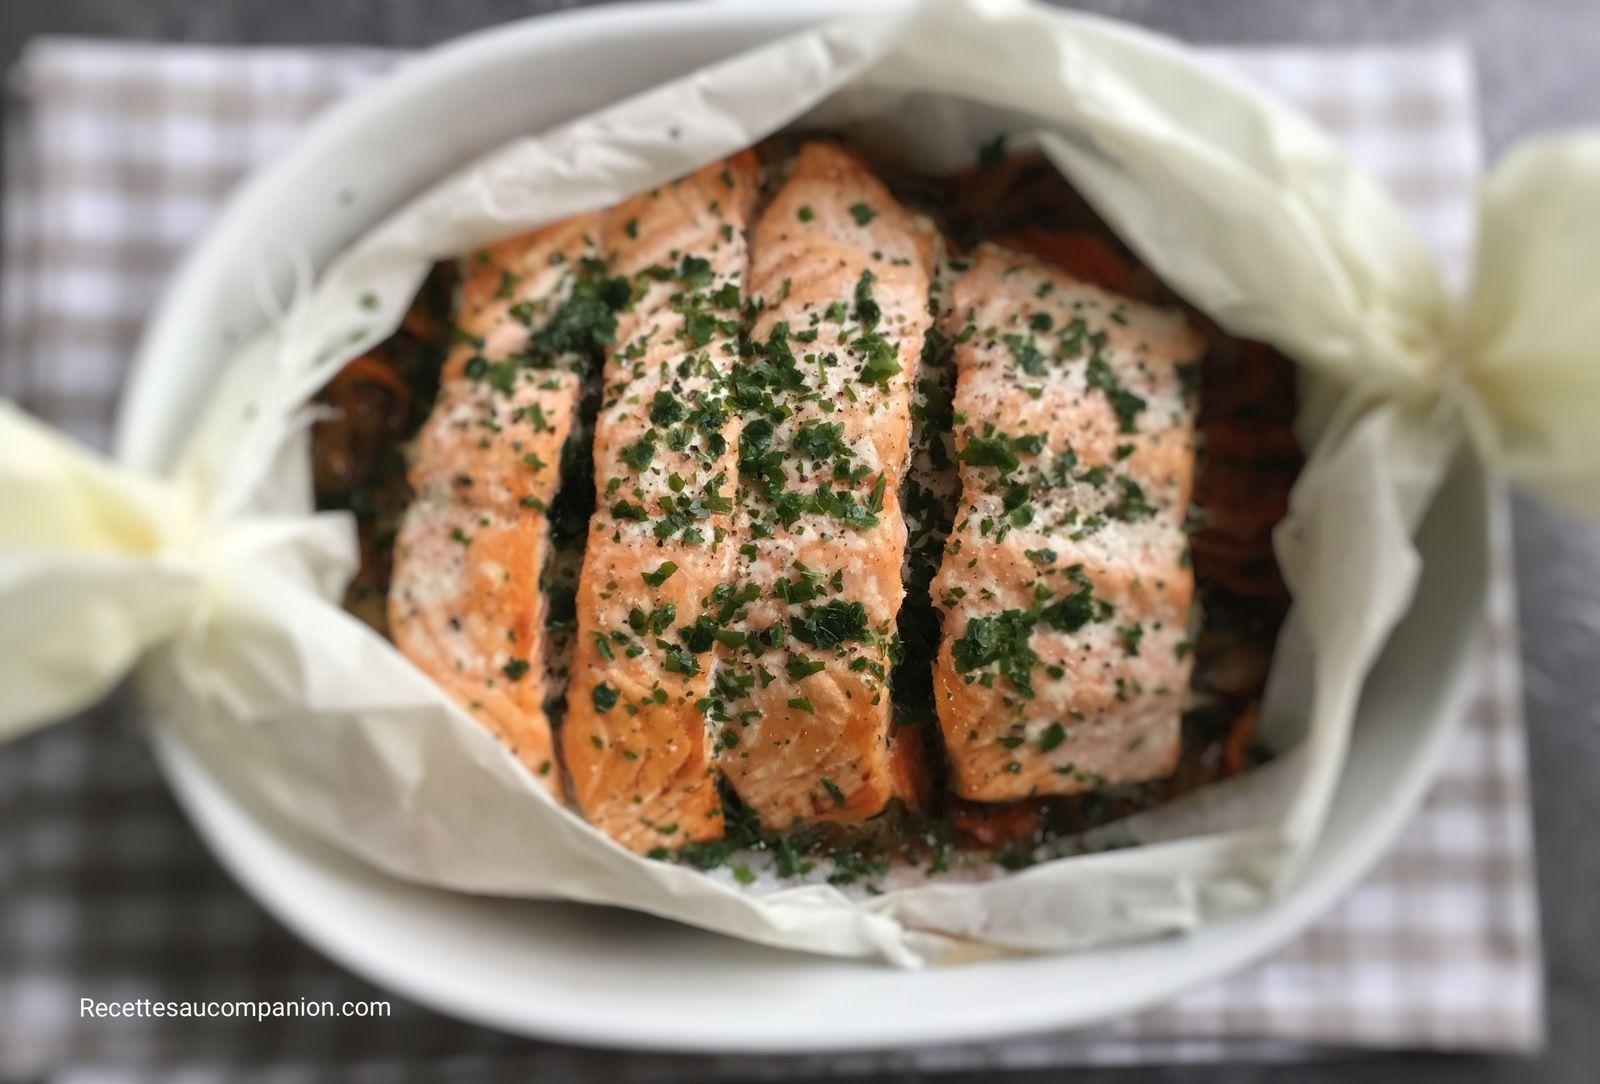 recettes de sandrine au companion ou